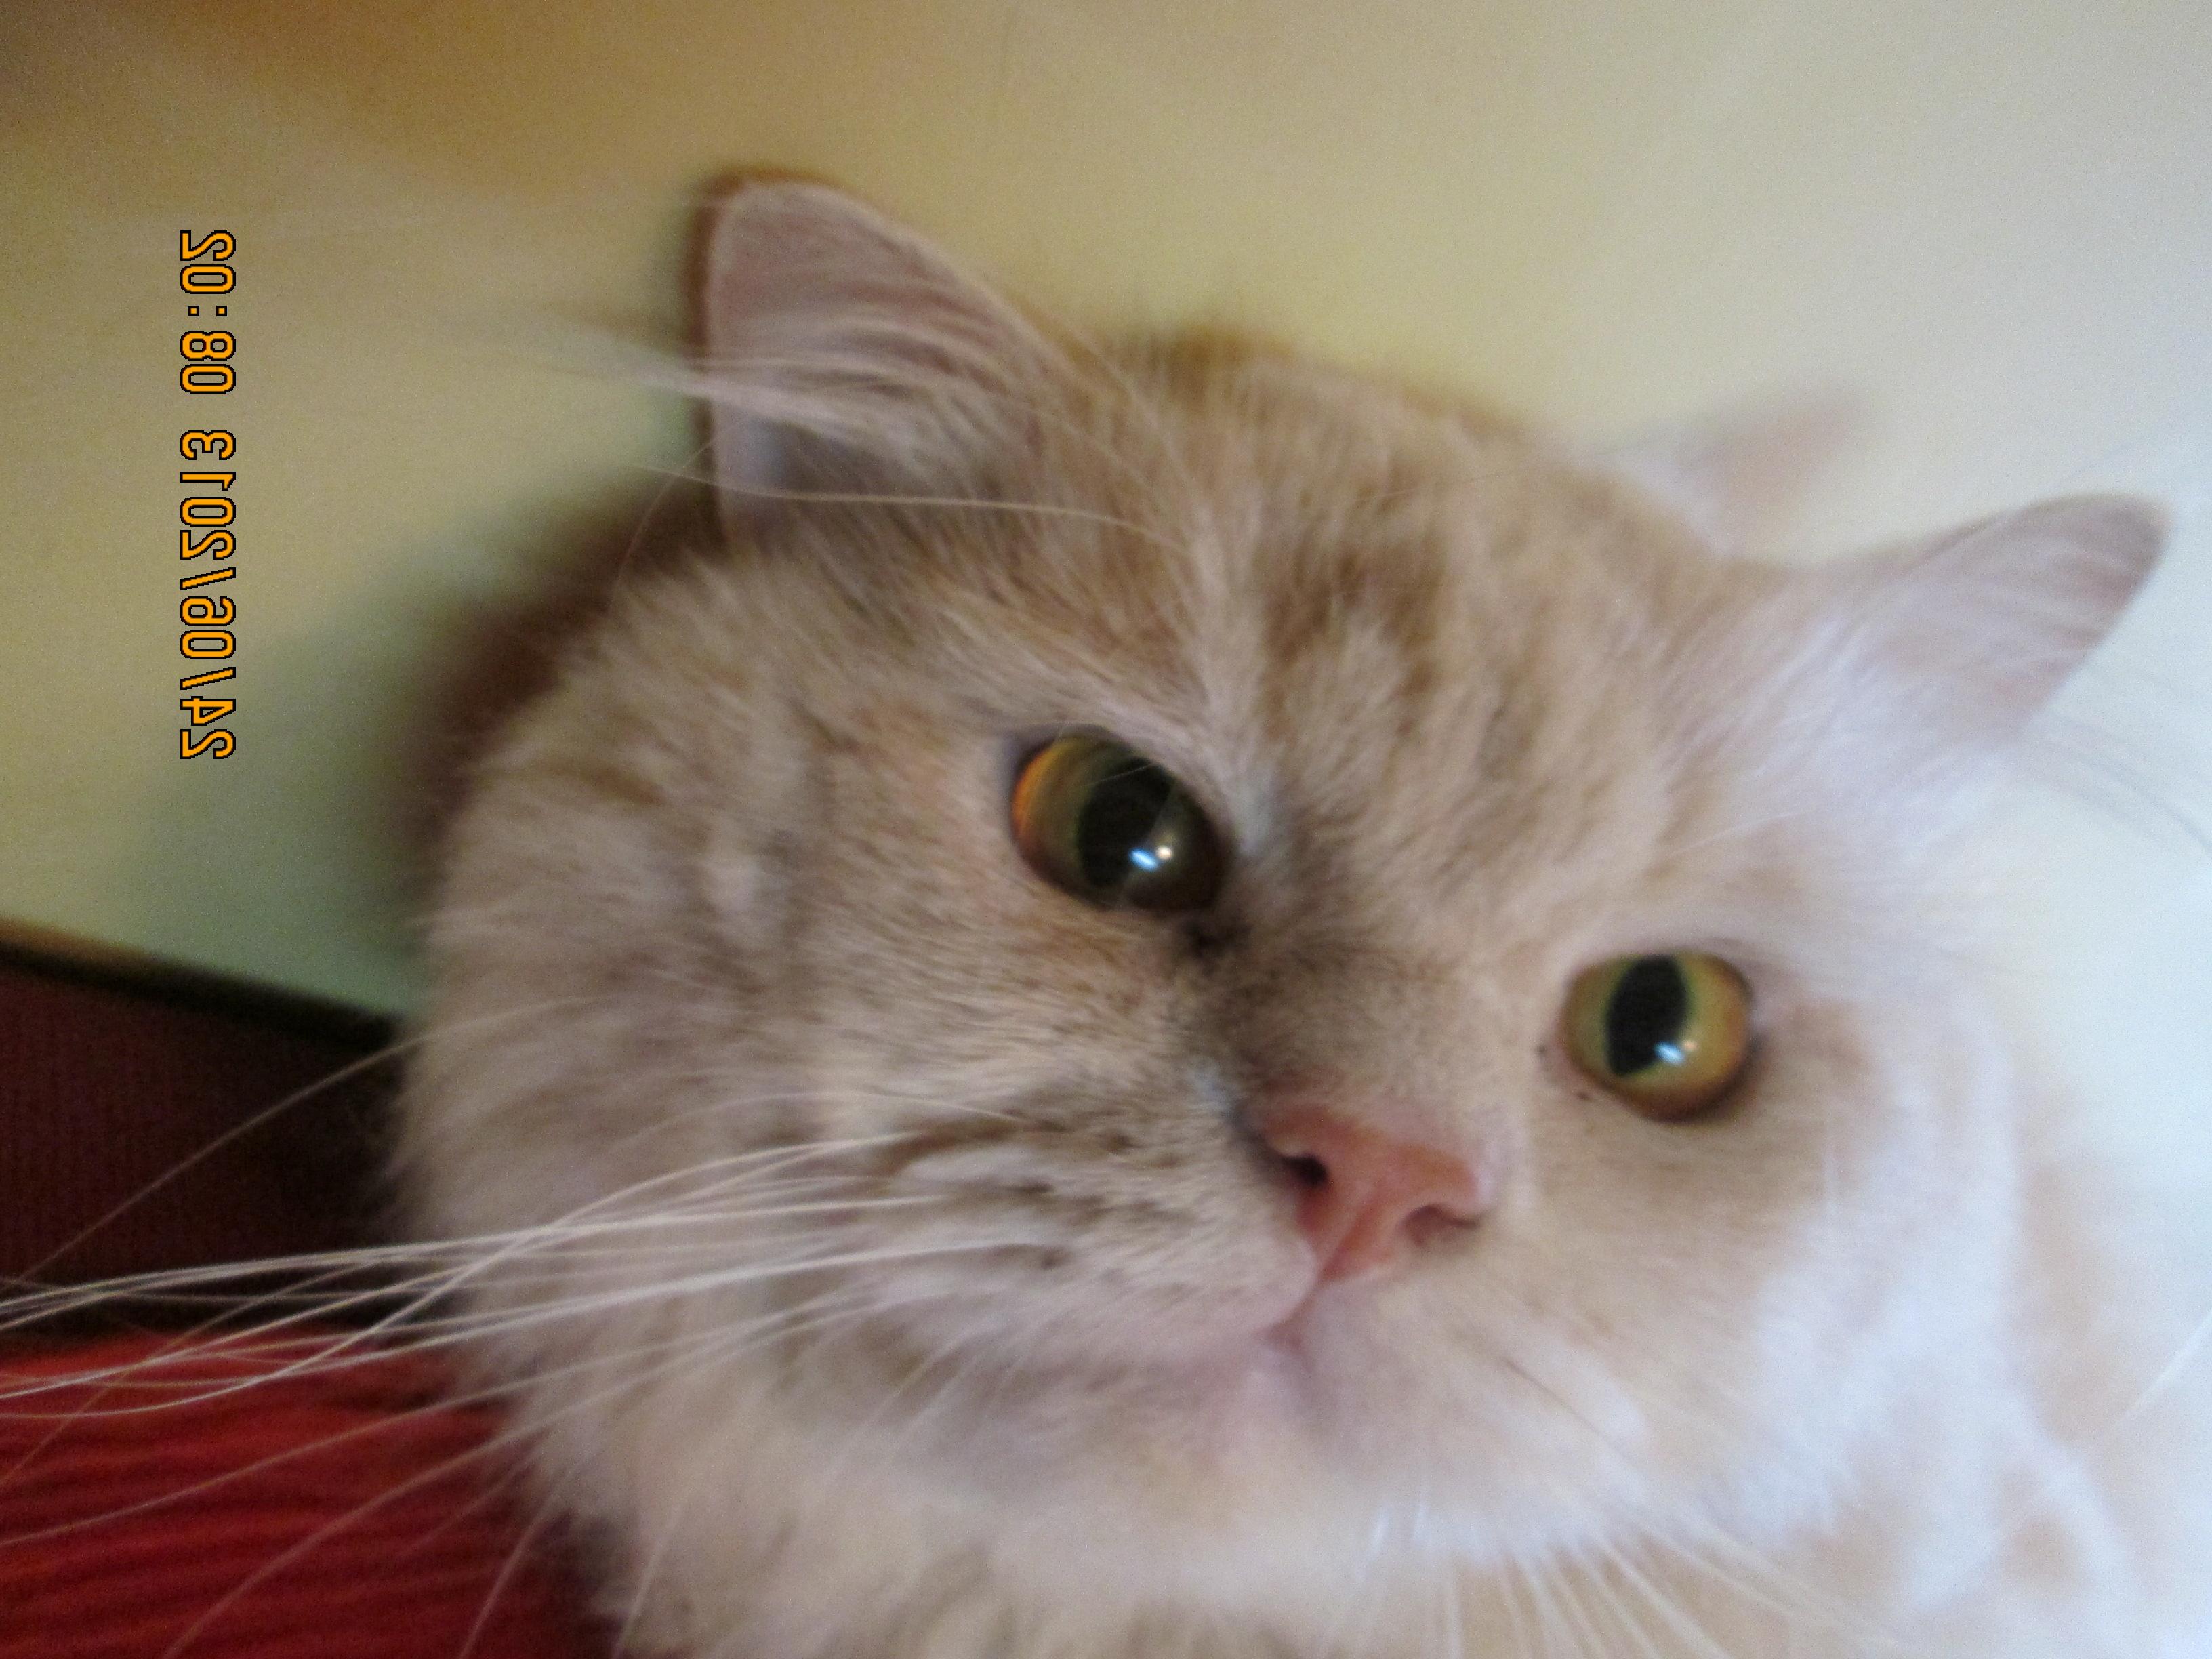 cat purr heal